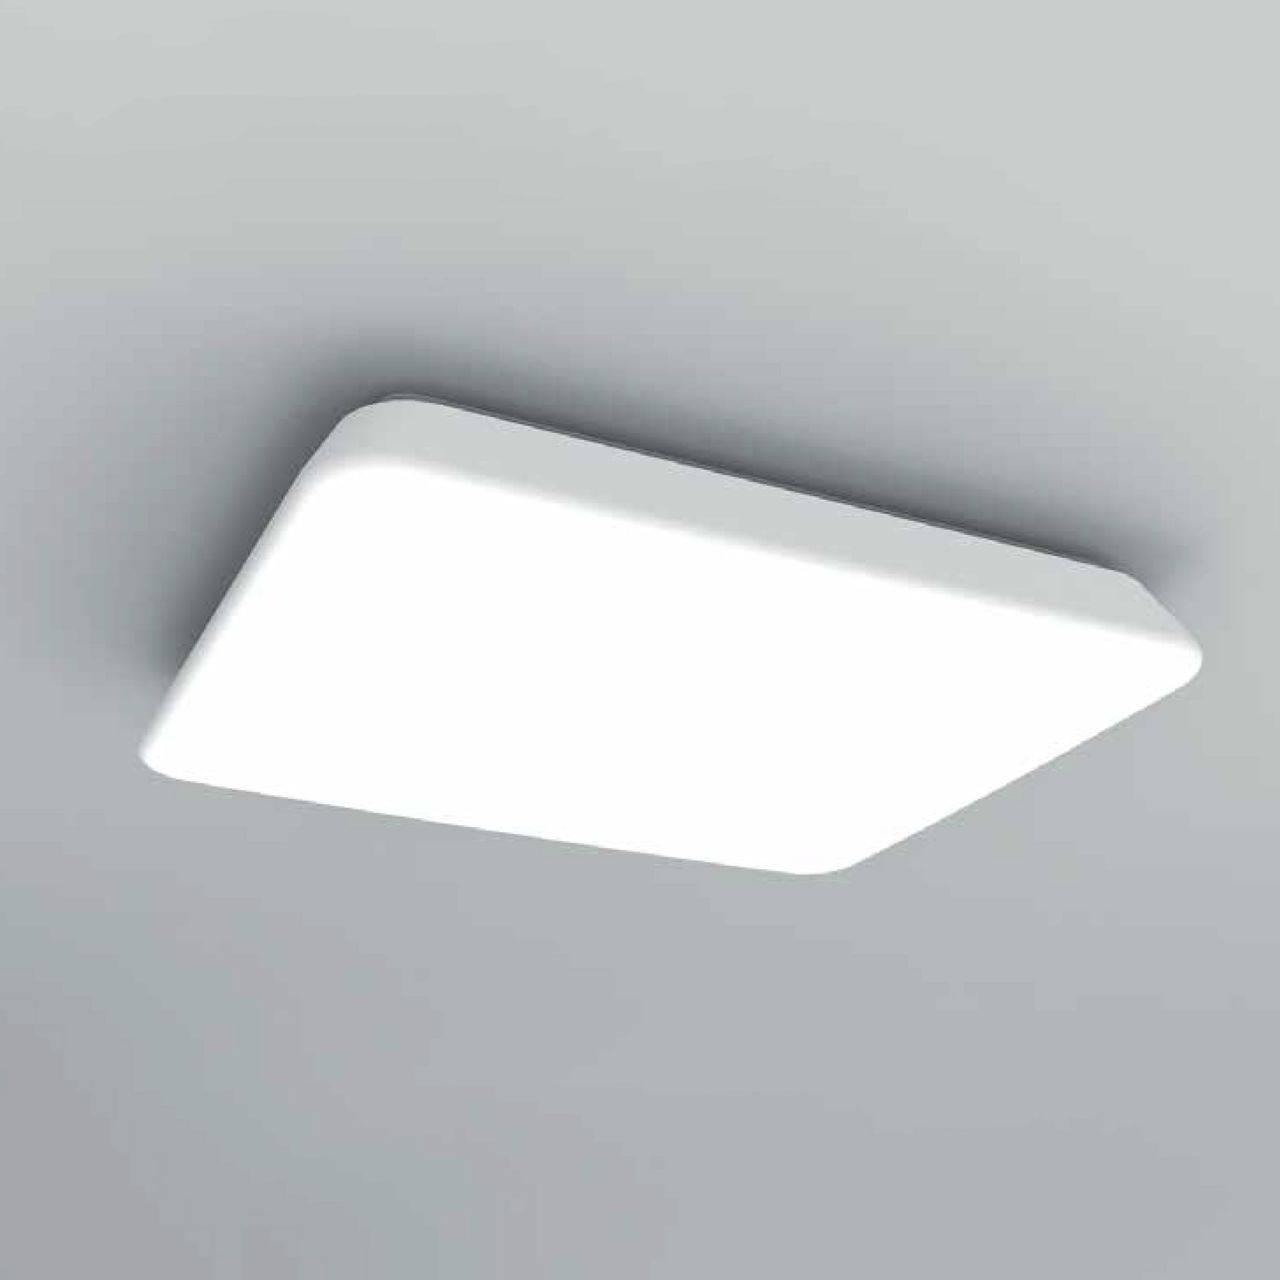 Потолочный светодиодный светильник Mantra Quatro 4870 mantra потолочный светодиодный светильник mantra quatro 4870